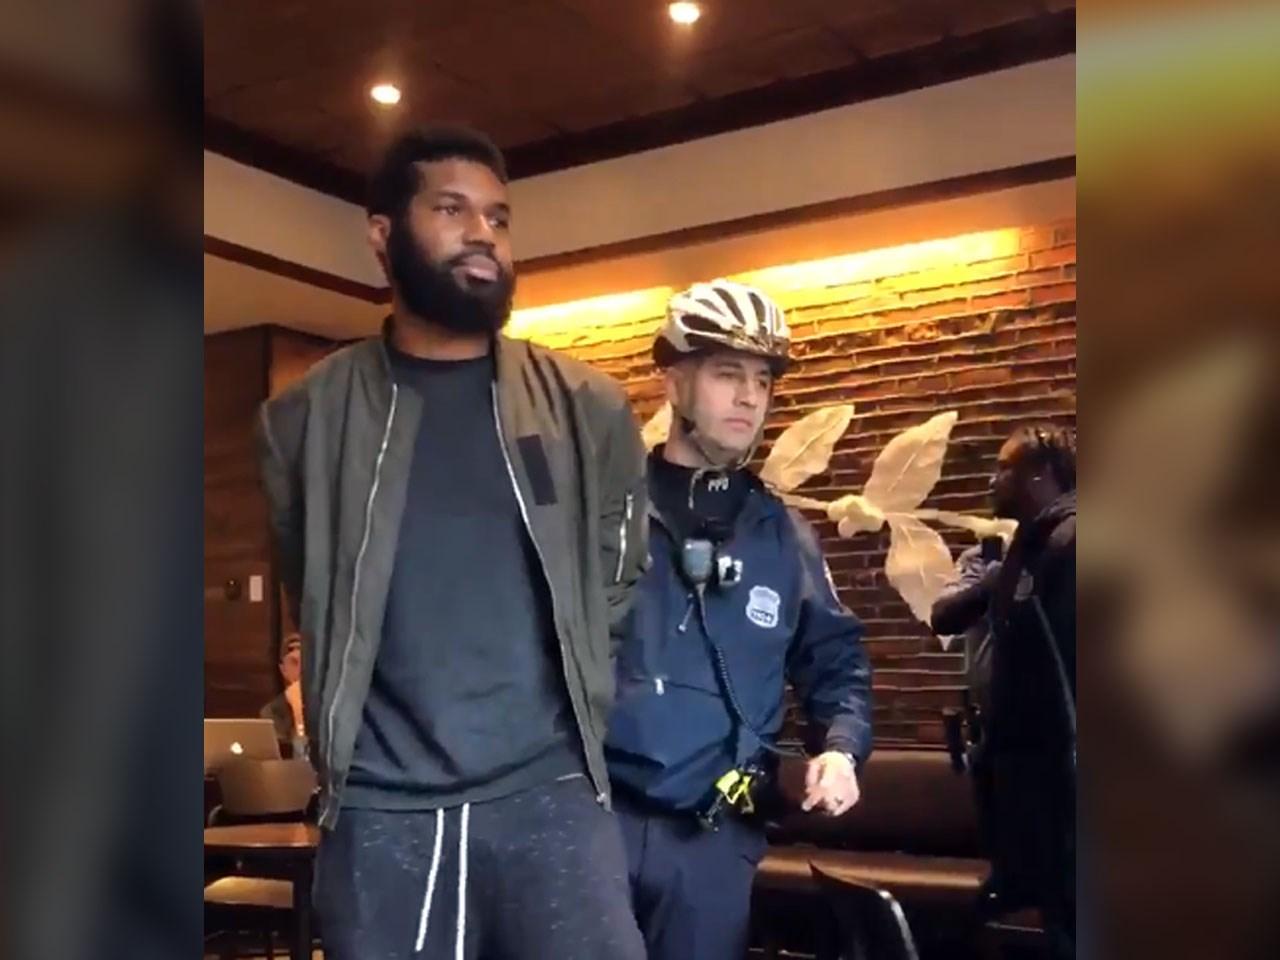 Starbucks arrest_1524067612894.jpg.jpg